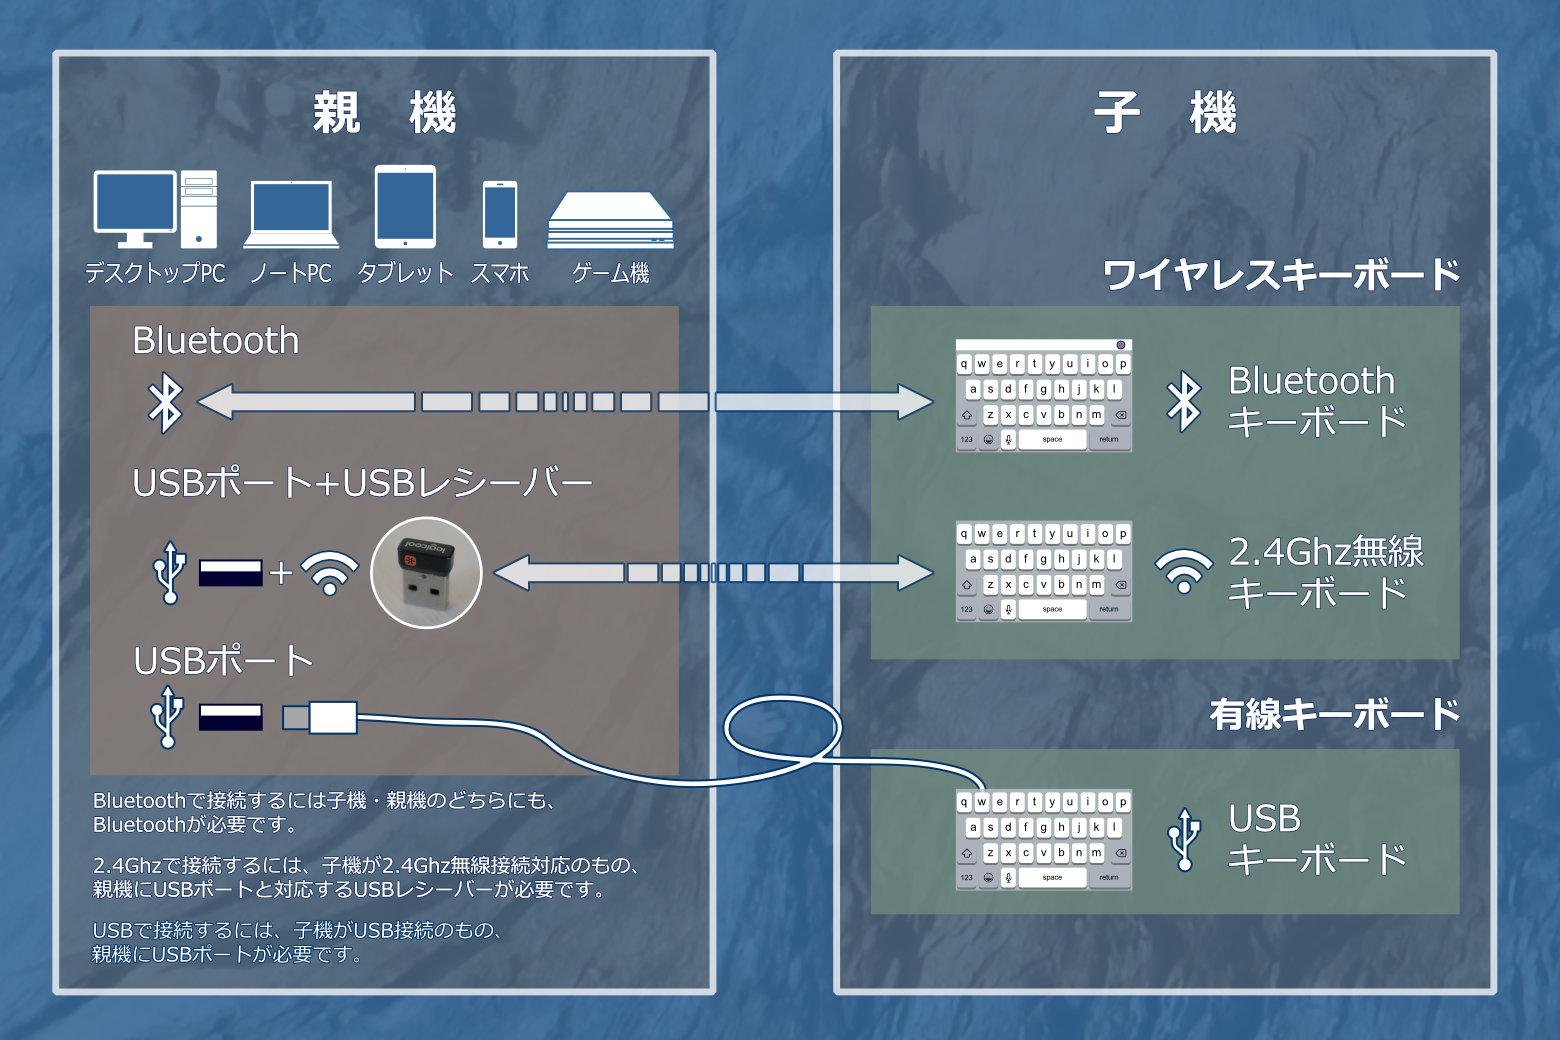 キーボードを親機に接続するときの条件